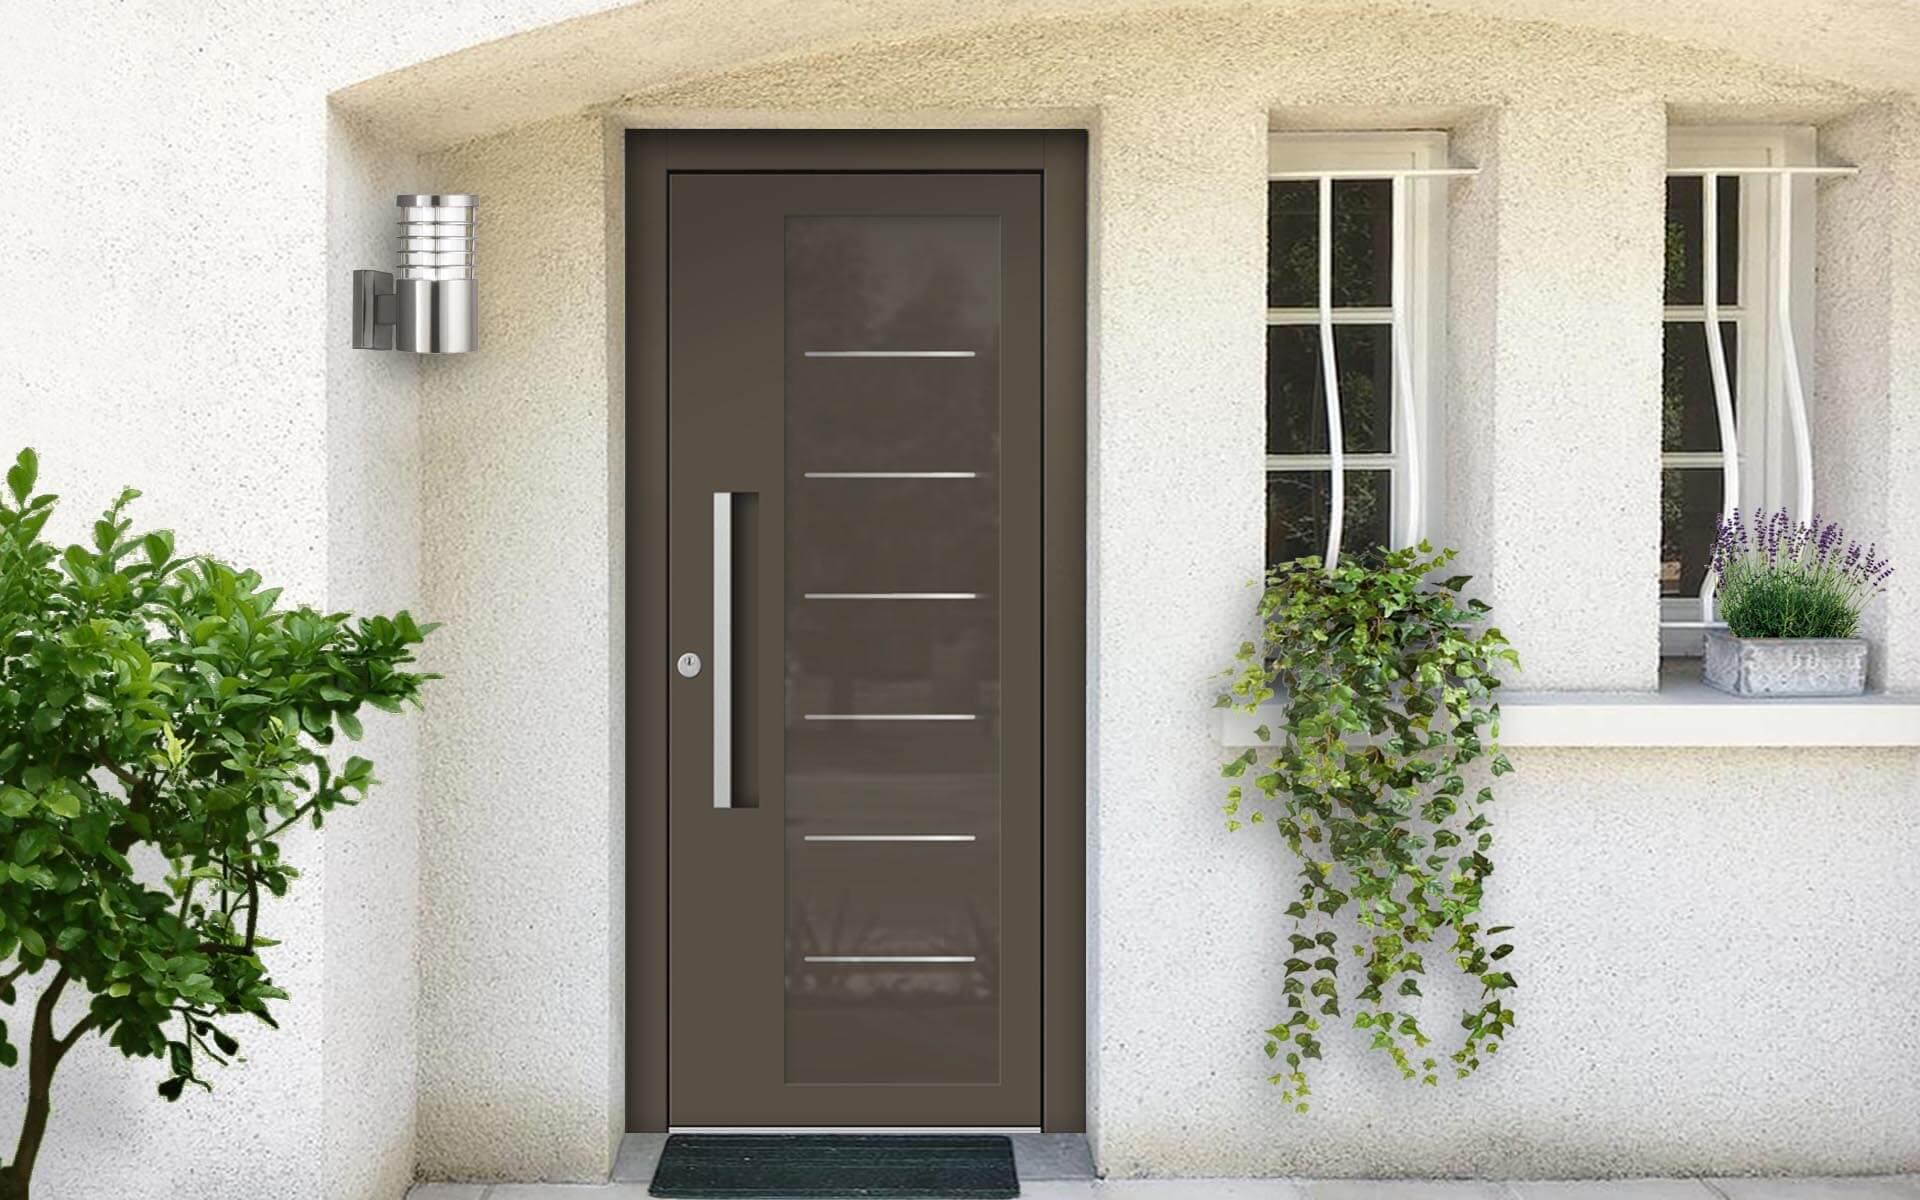 Hliníkové vchodové dvere s odolnou výplňou s dilatačným jadrom v hnedošedej farbe na rodinnom dome